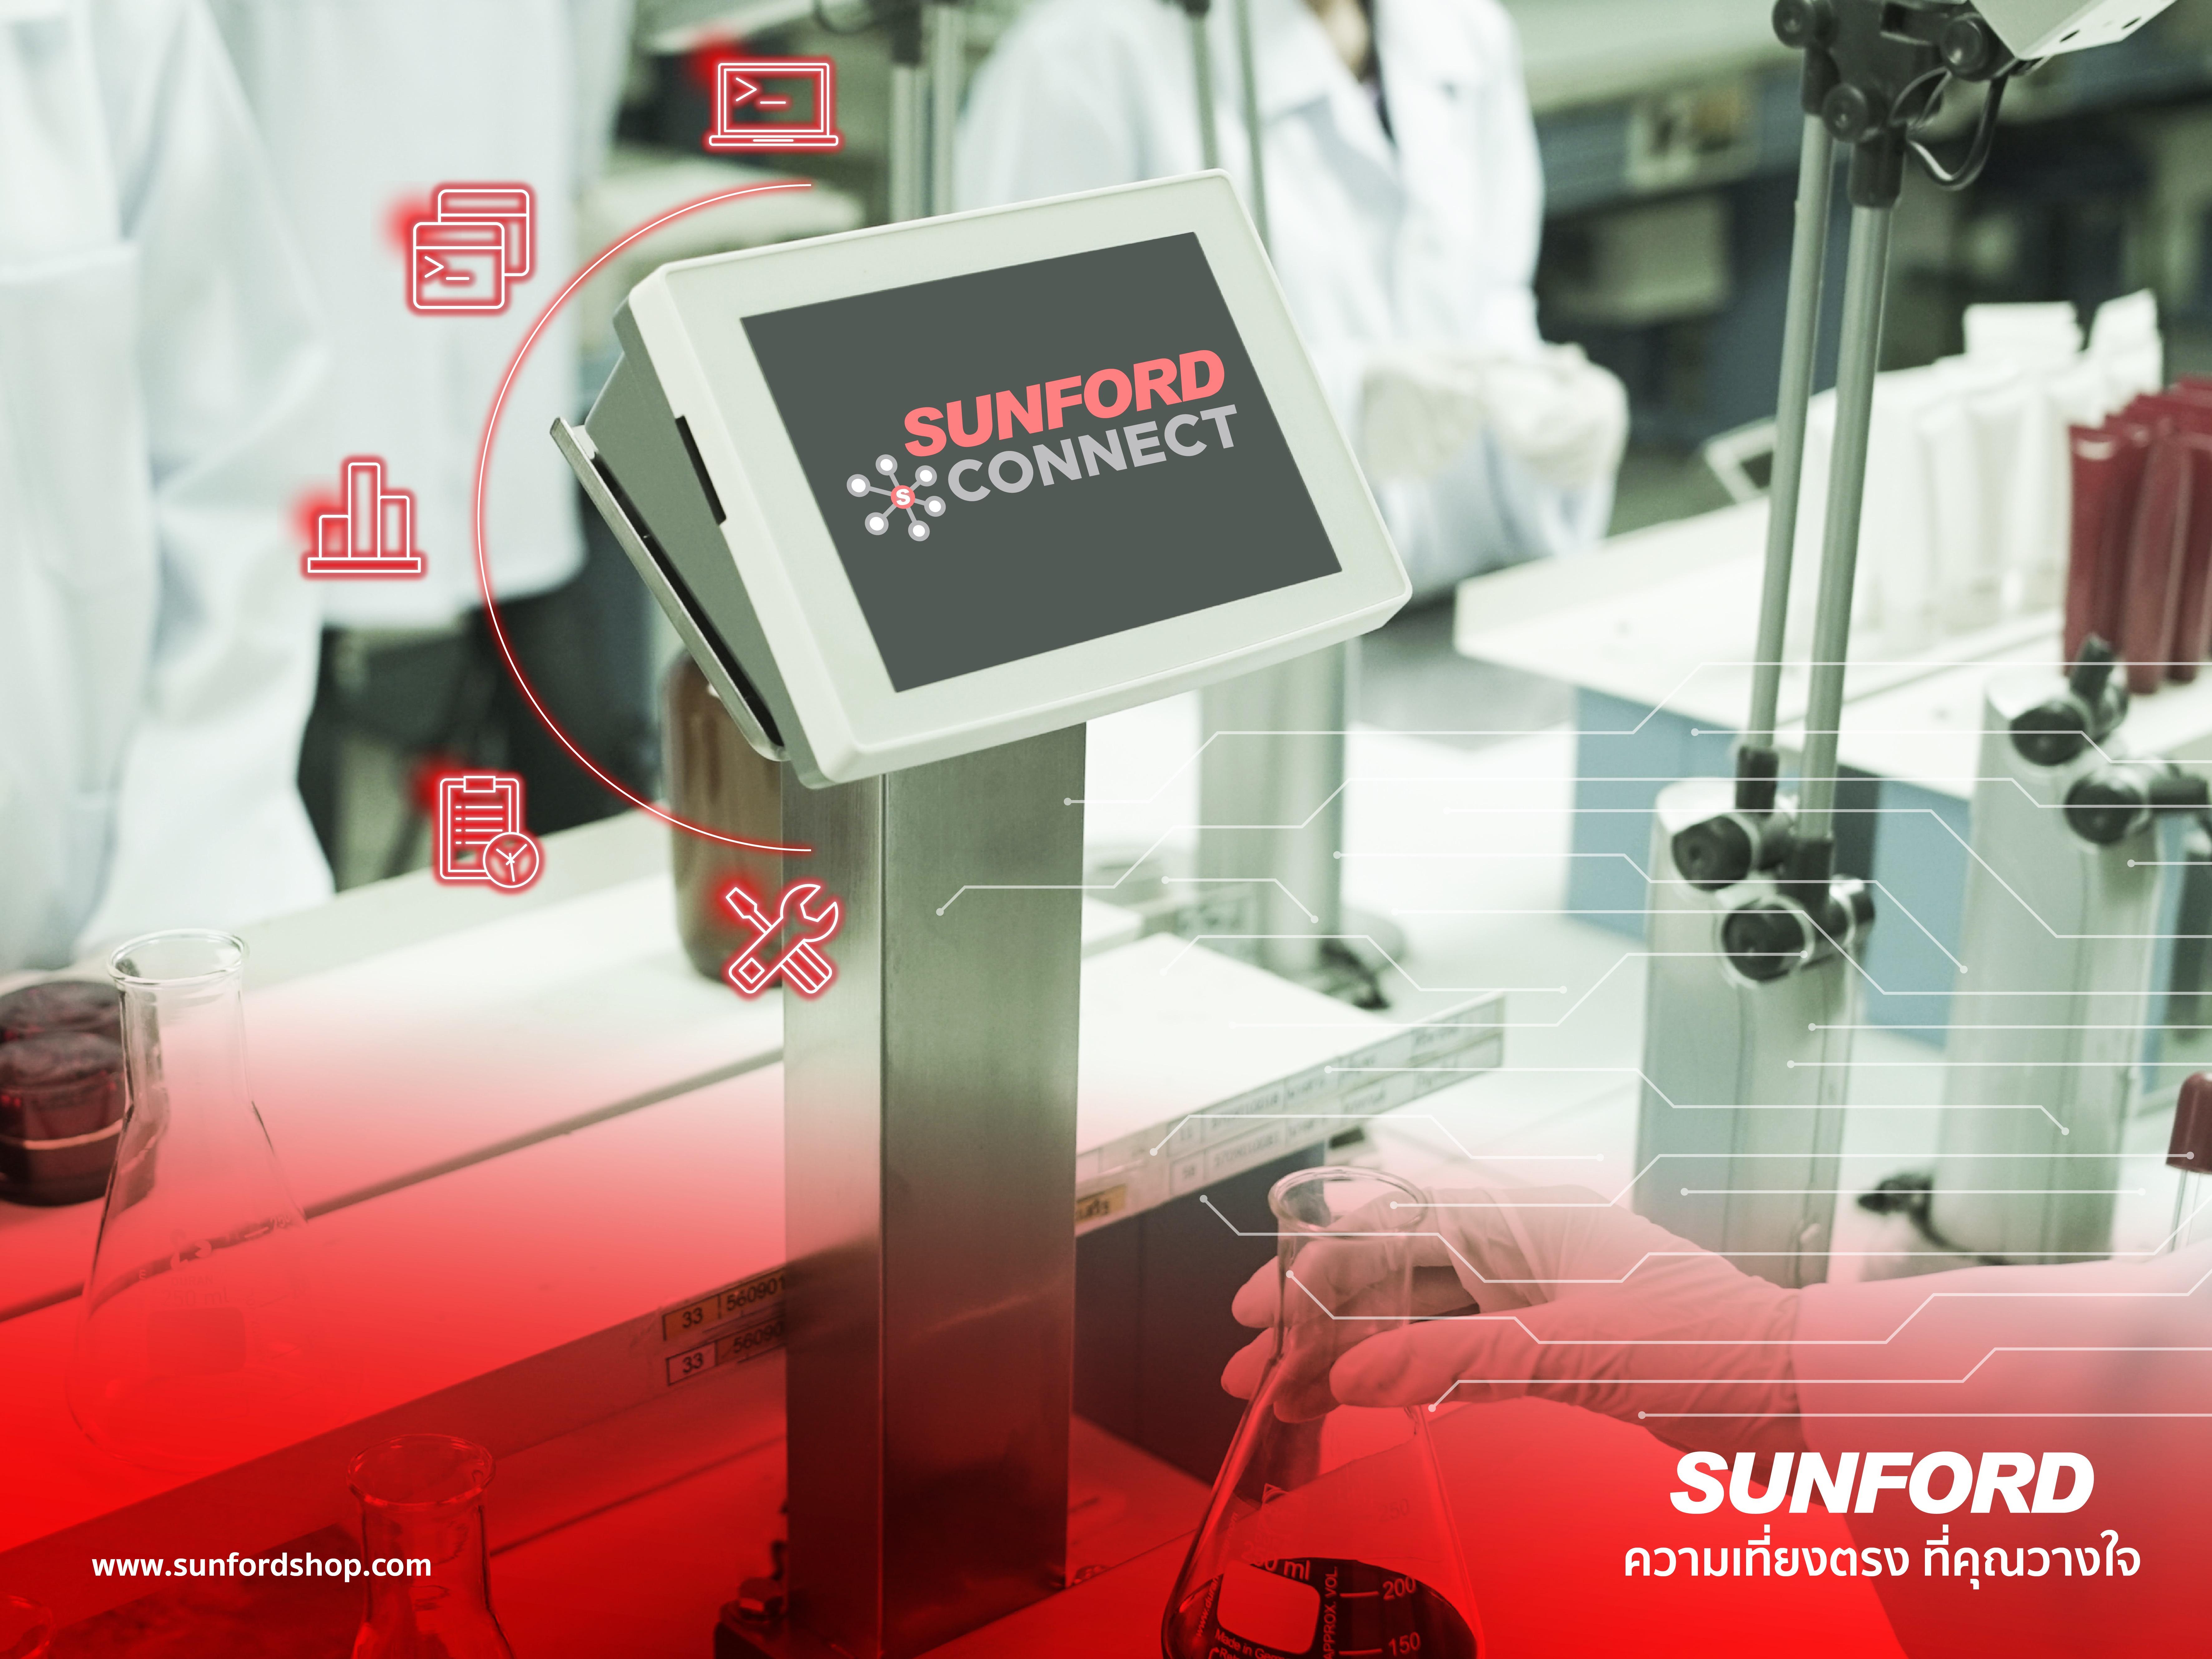 ตัวช่วยใหม่งานผลิตเป็นงานง่ายกับ SUNFORD CONNECT